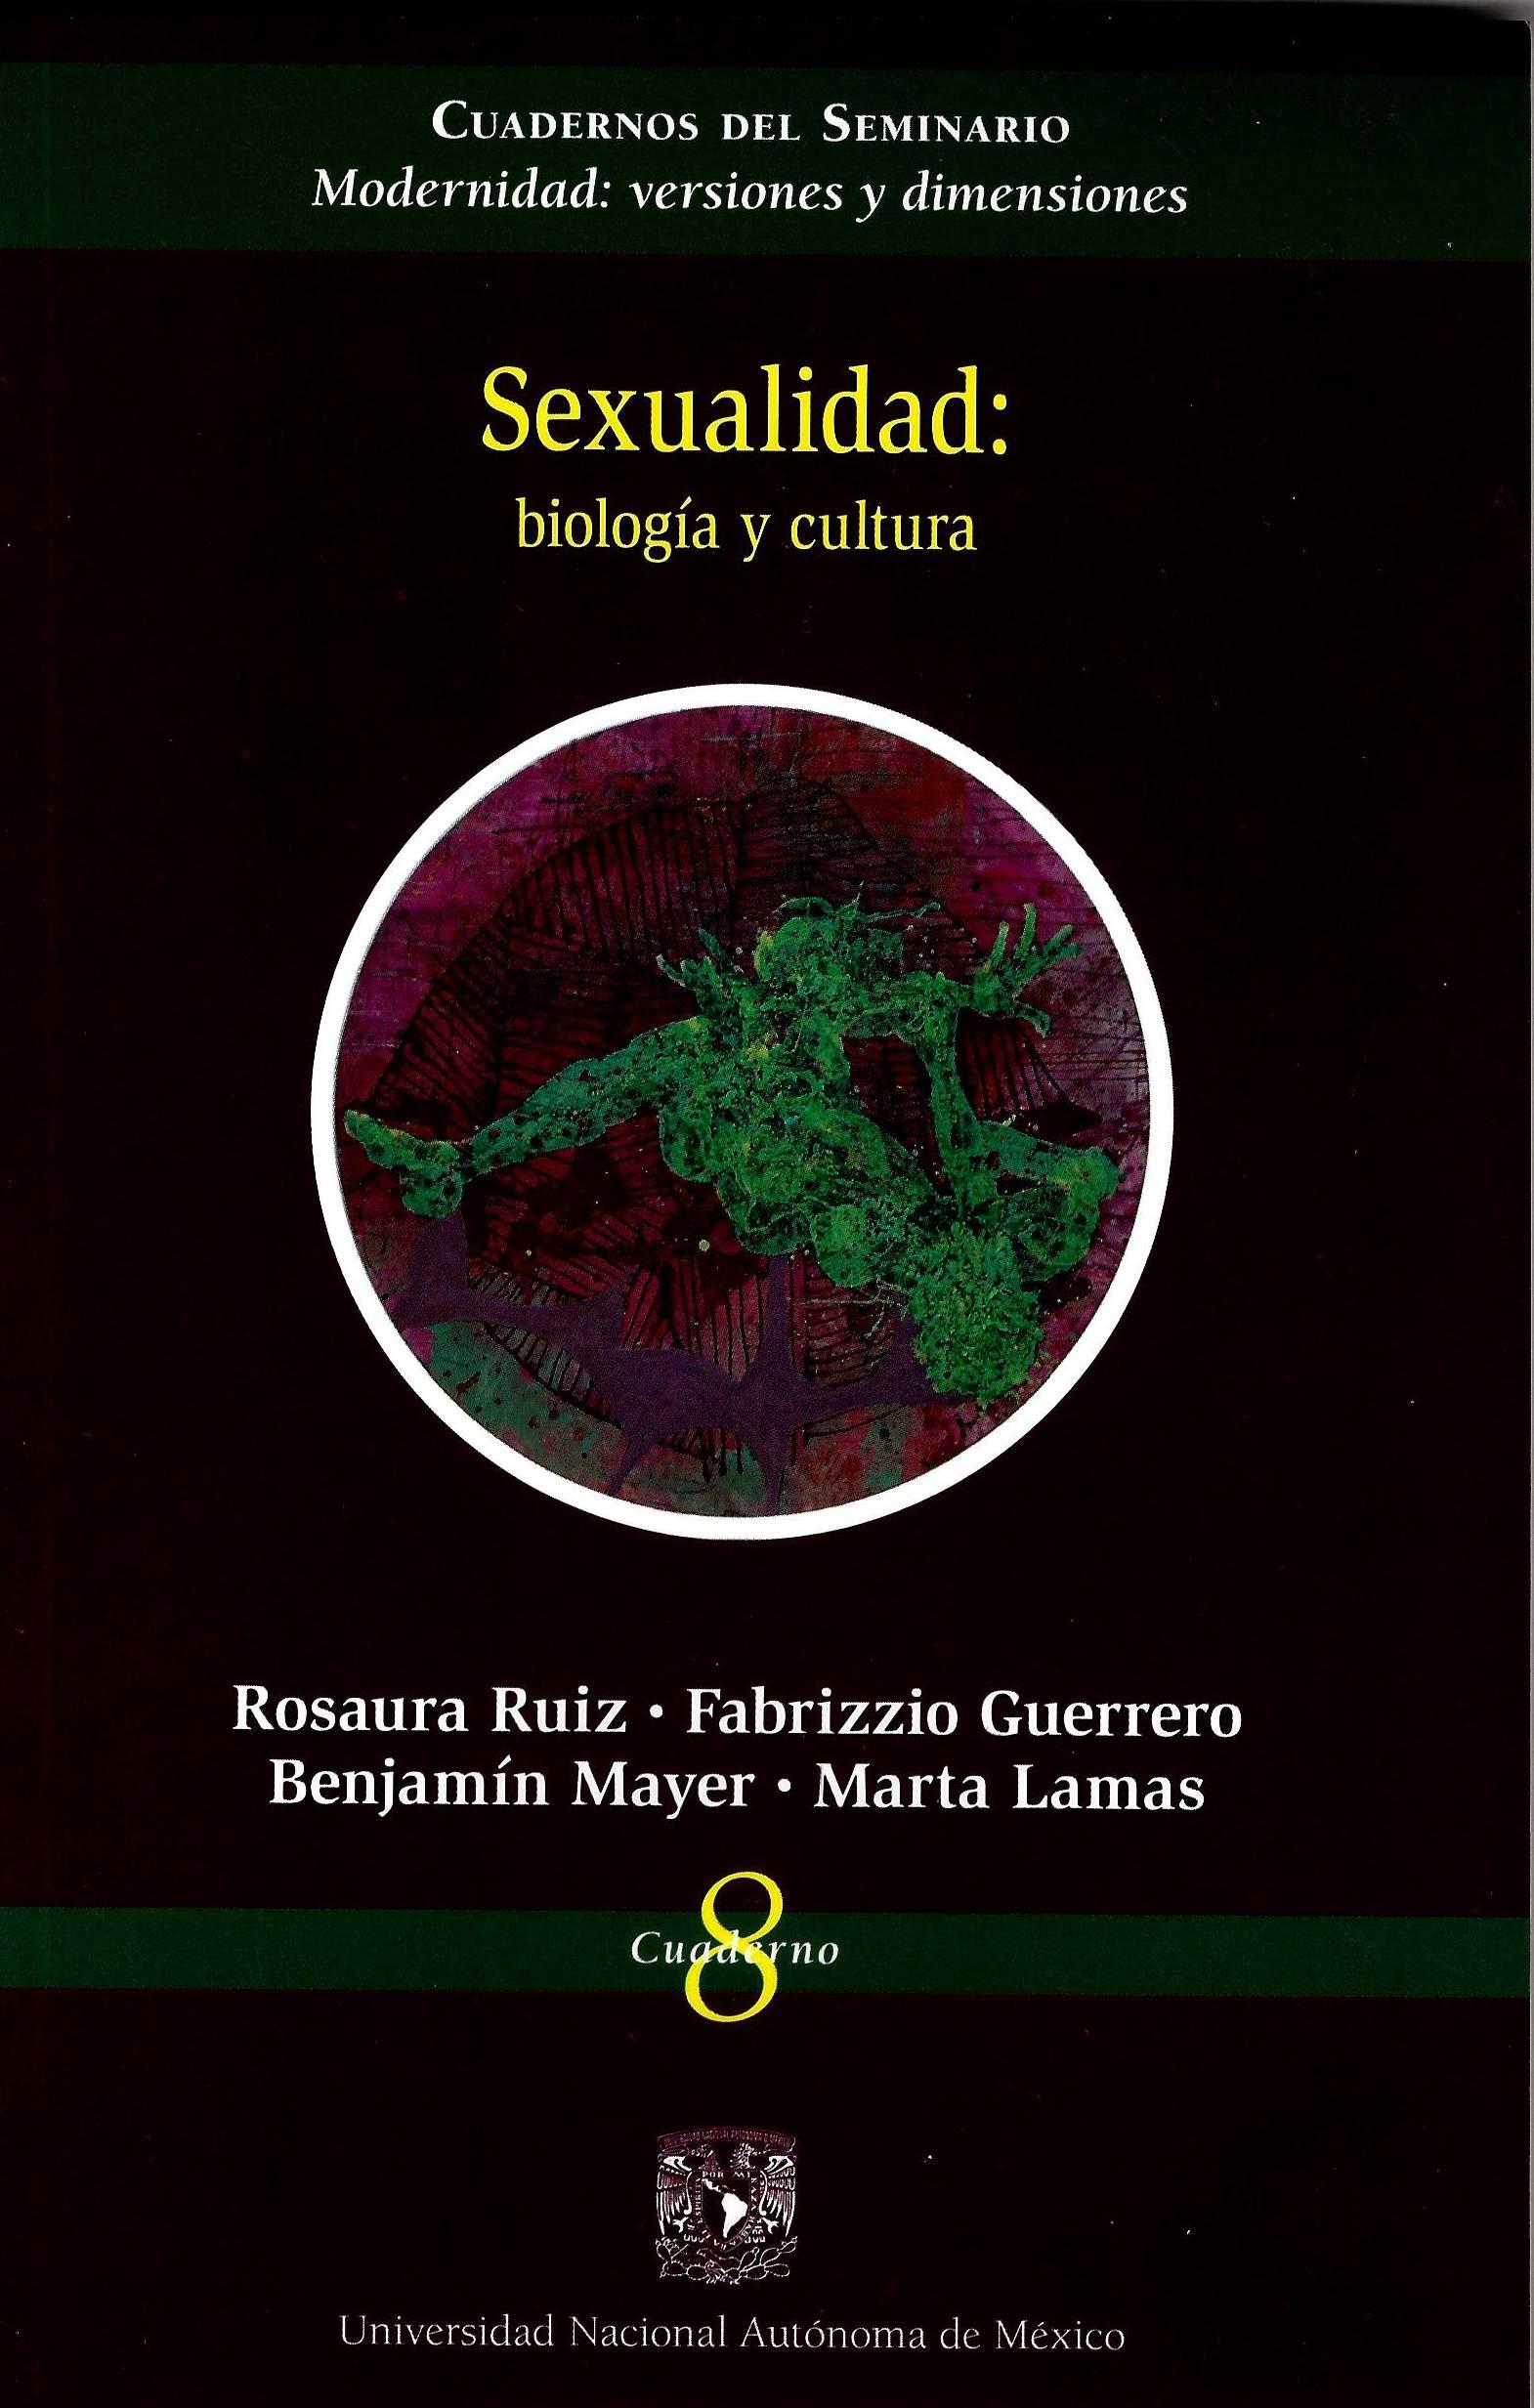 Sexualidad: biología y cultura